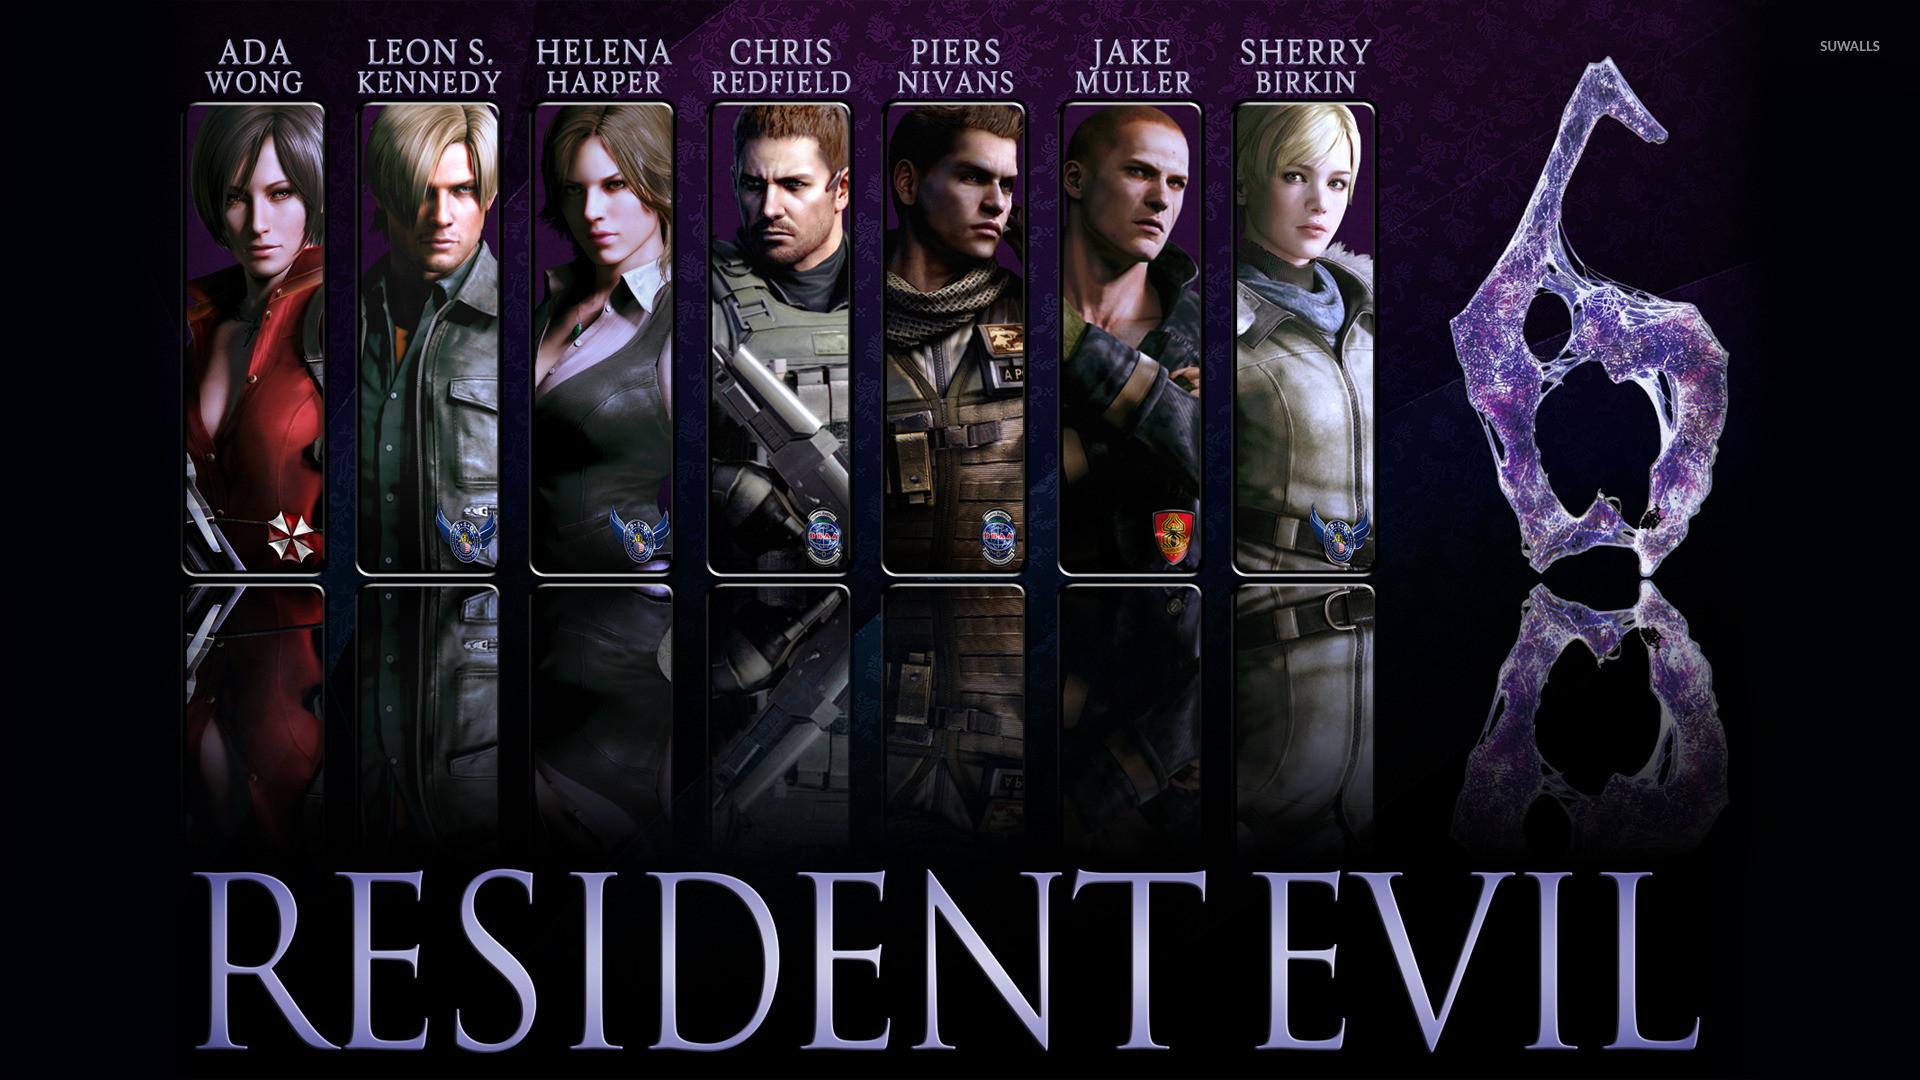 Resident Evil Wallpaper by Sonic on DeviantArt 1920×1080